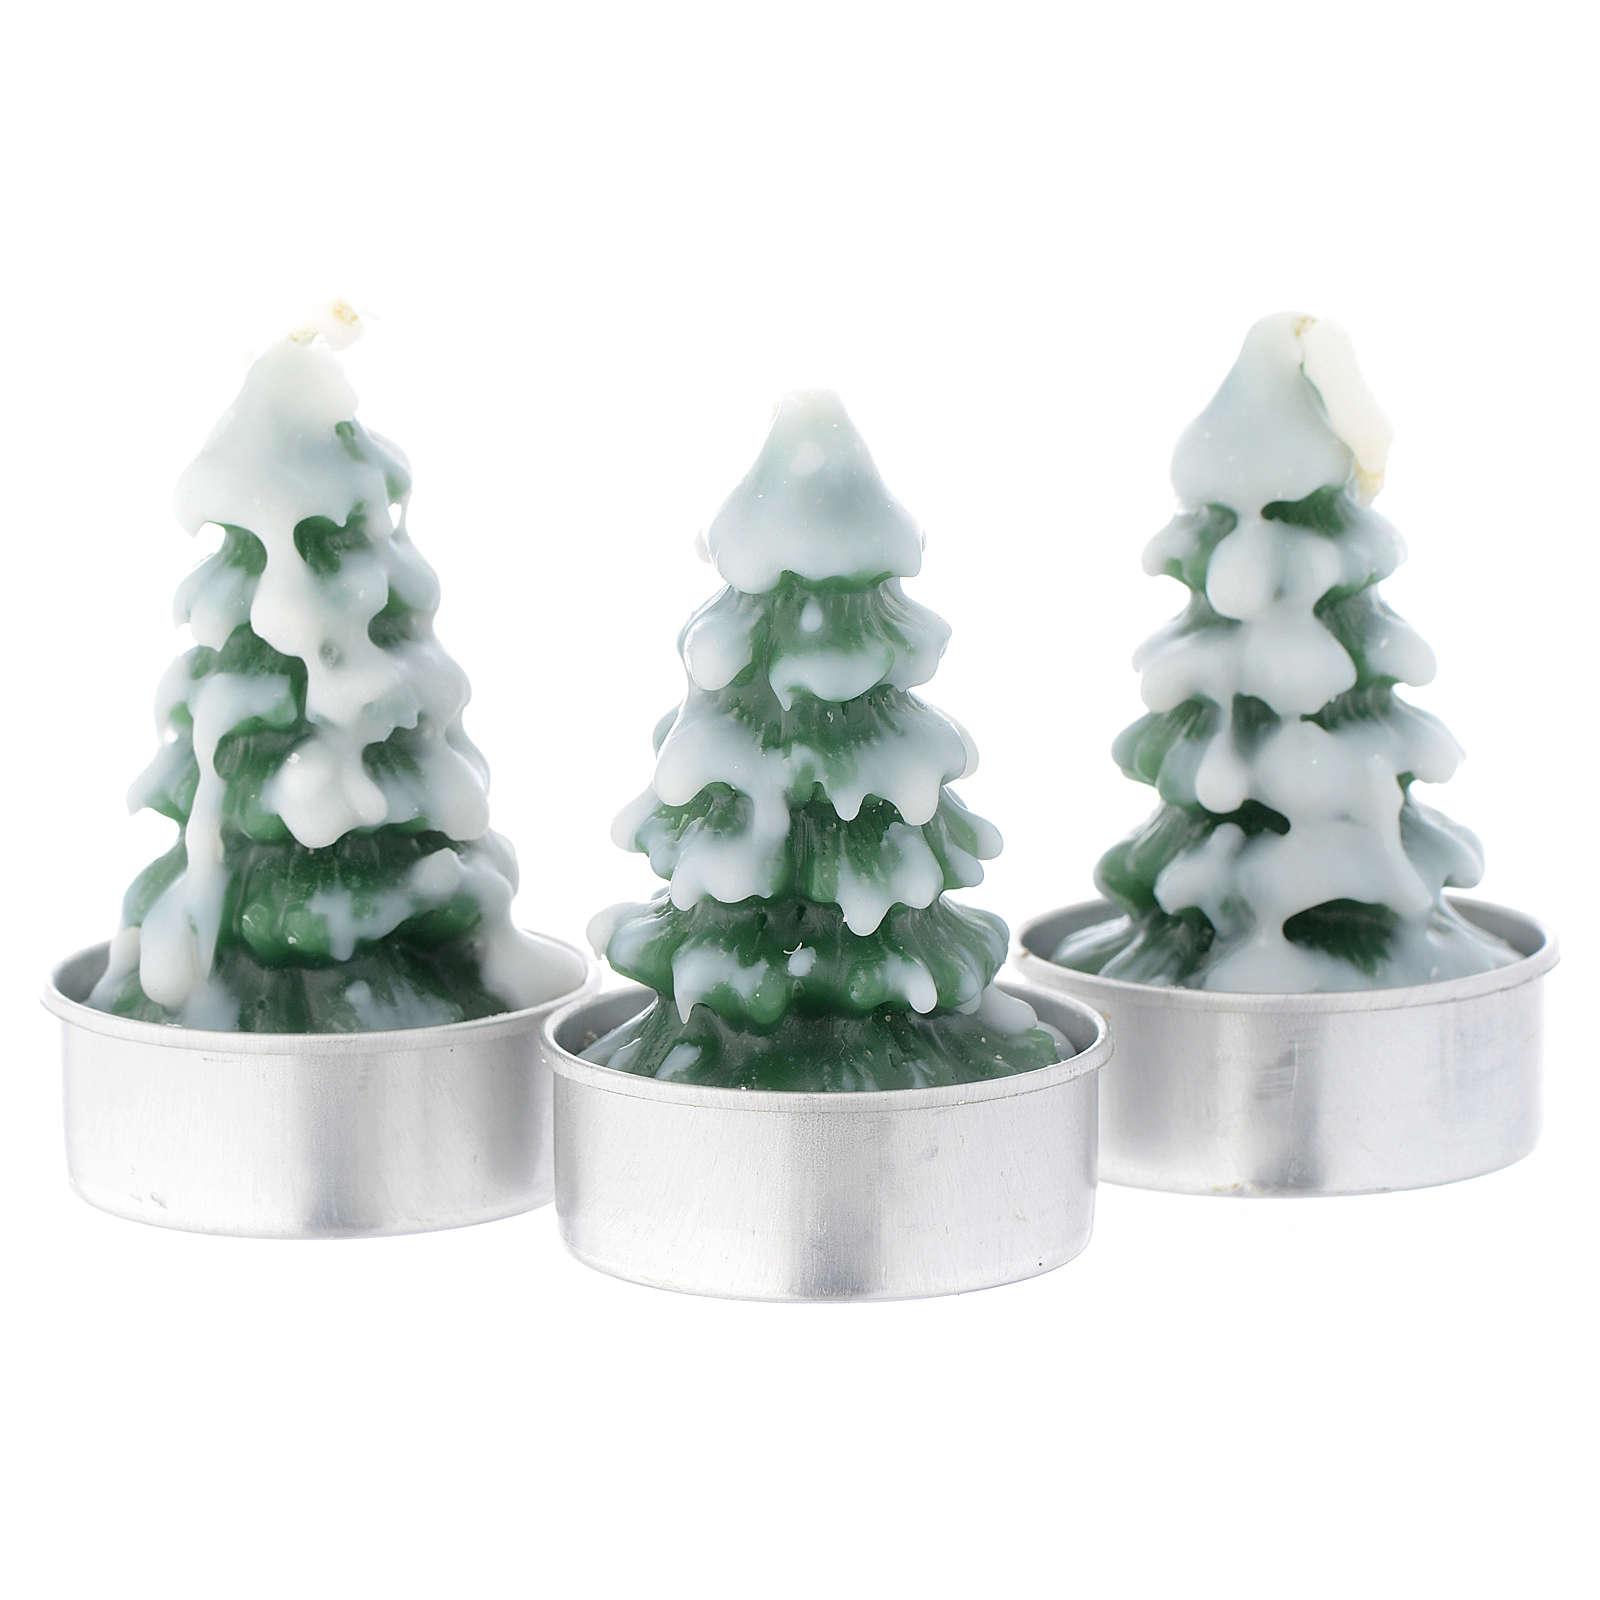 Vela navideña Árbol de Navidad con nieve, juego de 3 piezas 3